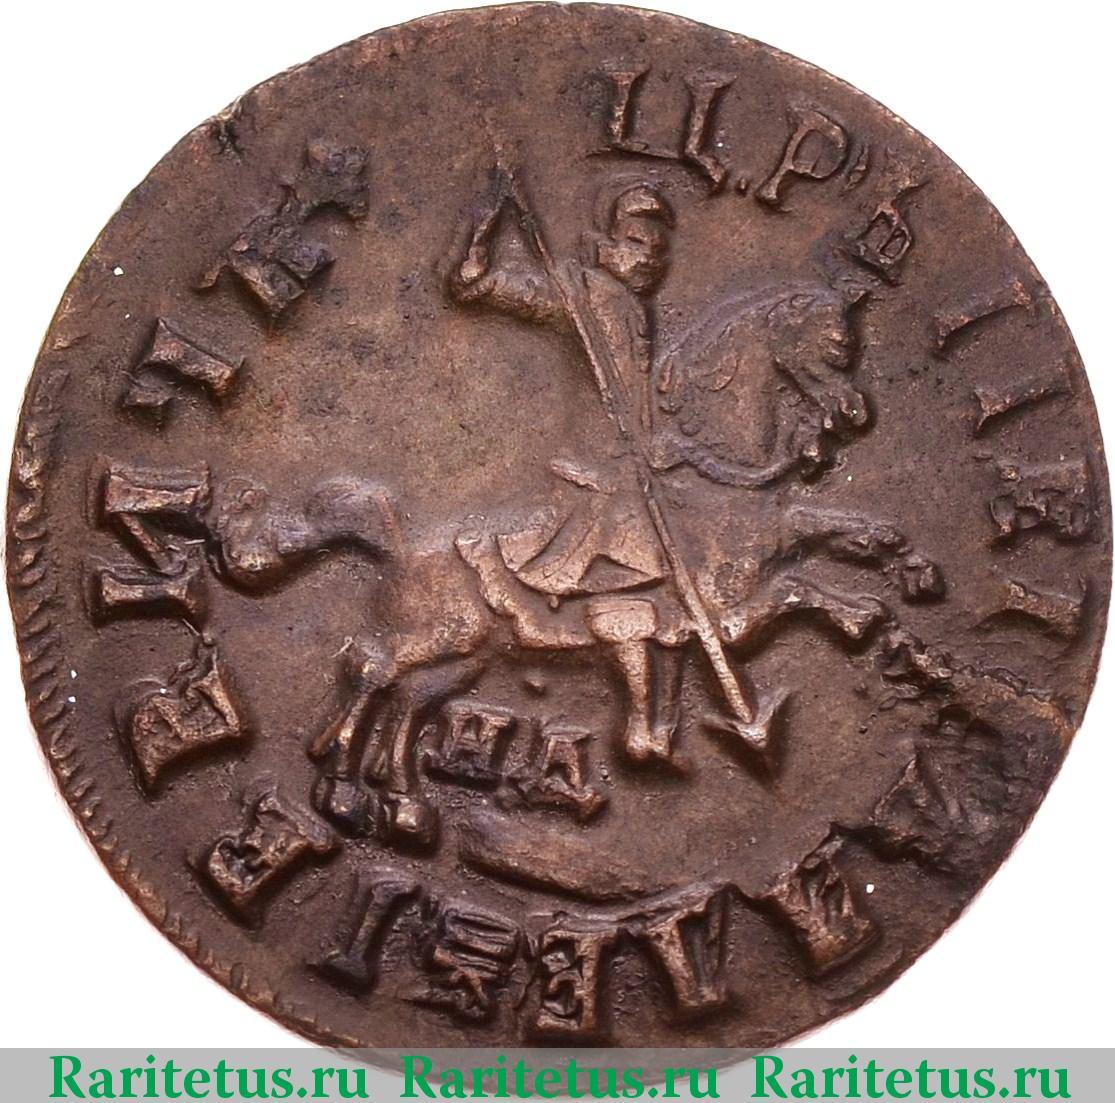 каталог монет федеральных земель германии 2 евро